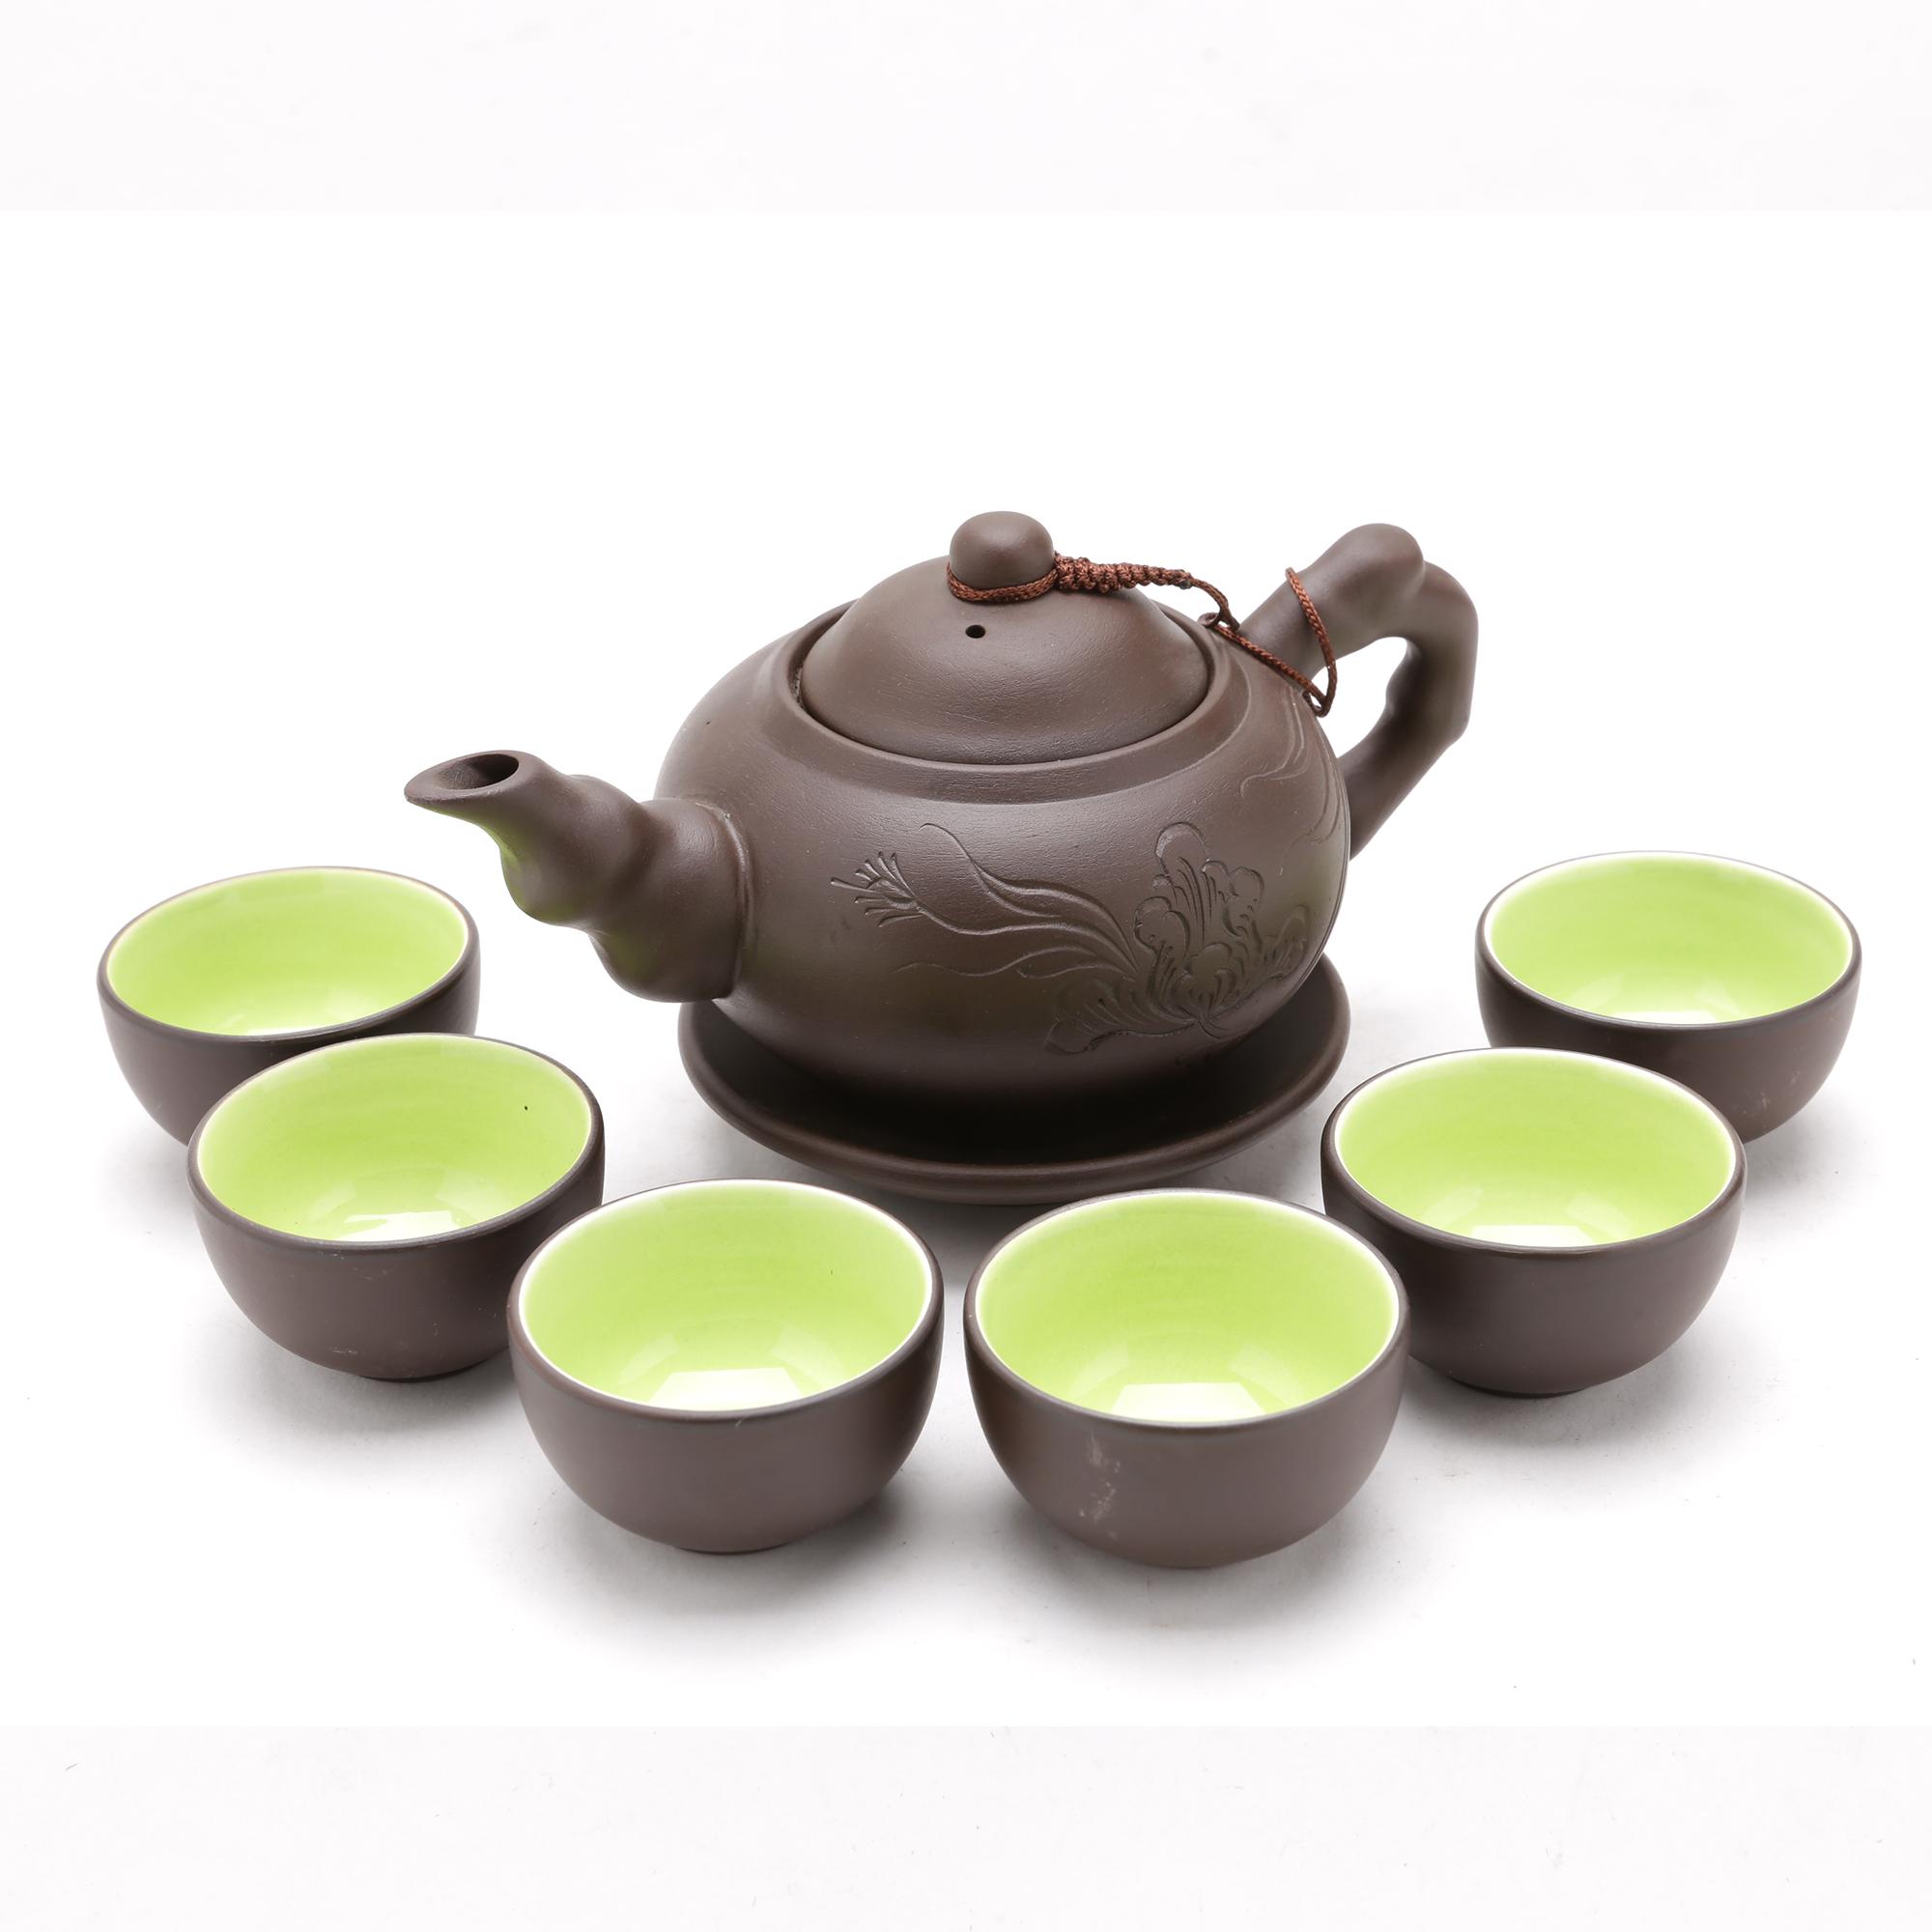 Bộ bình trà Tử Sa ( Ấm chén Tử Sa ) khay lá MNV-BT193